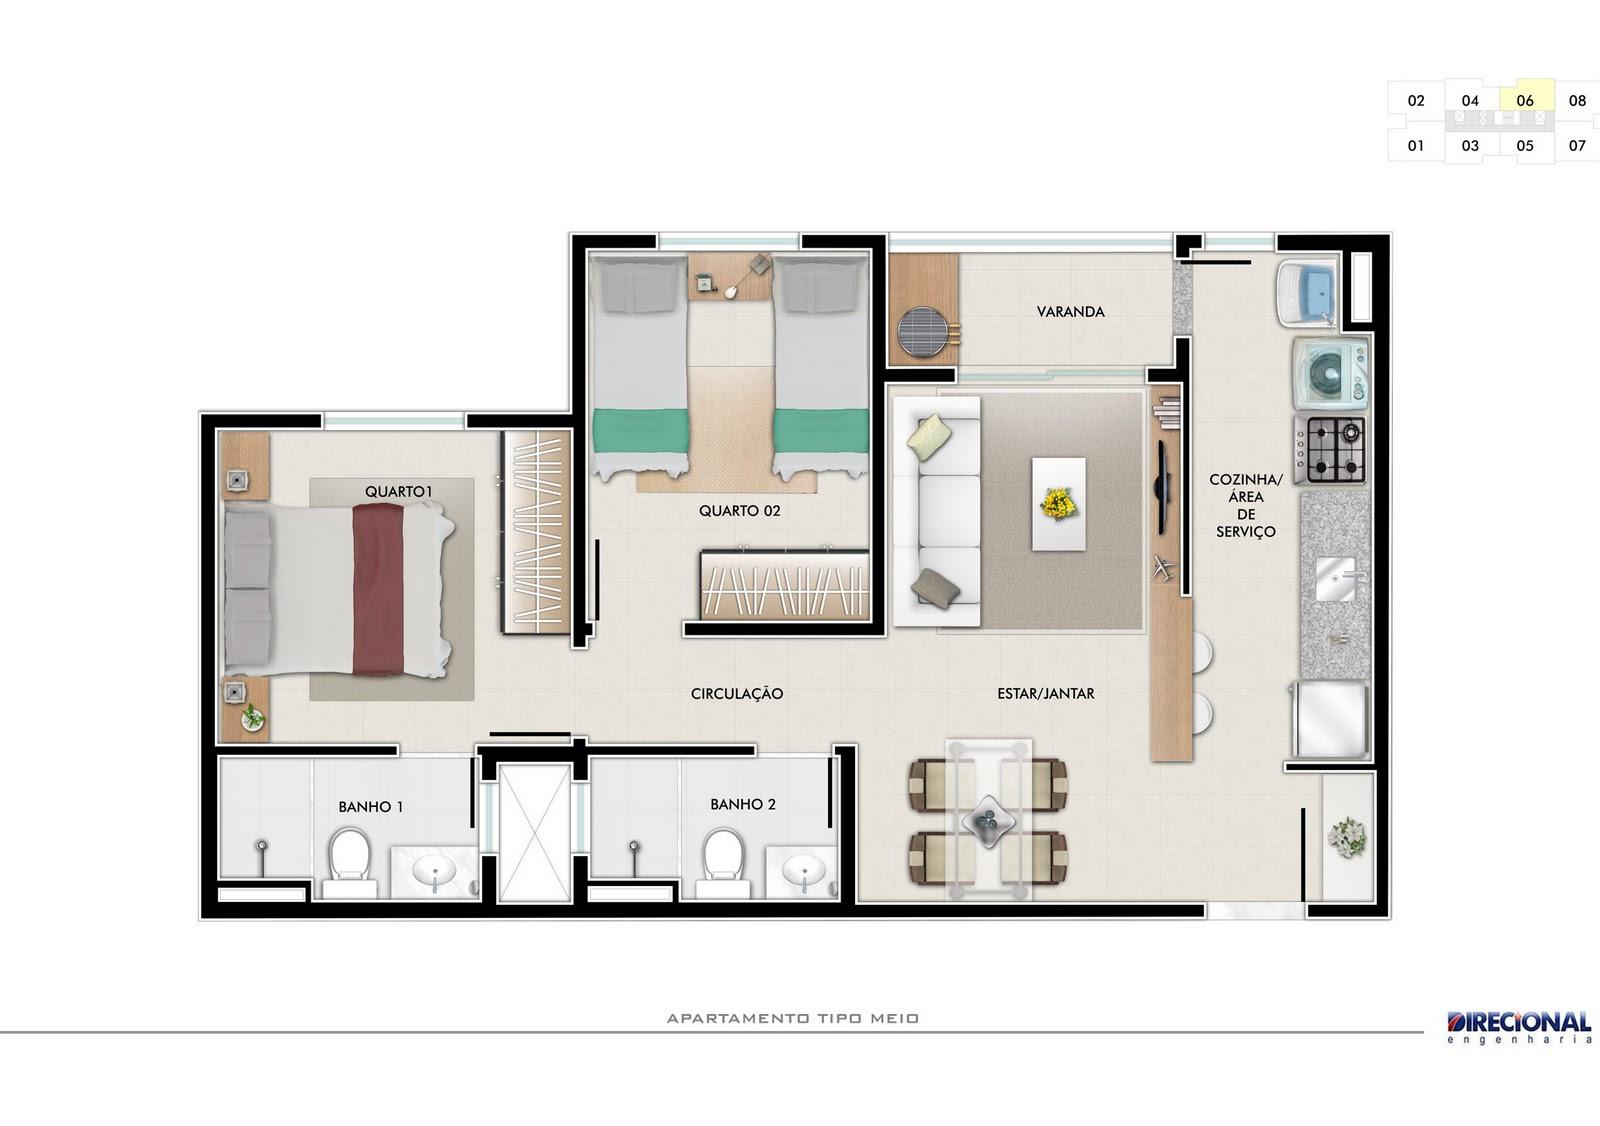 Plantas De Casas 10x10 Com Garagem Finest Zoomoutmap With